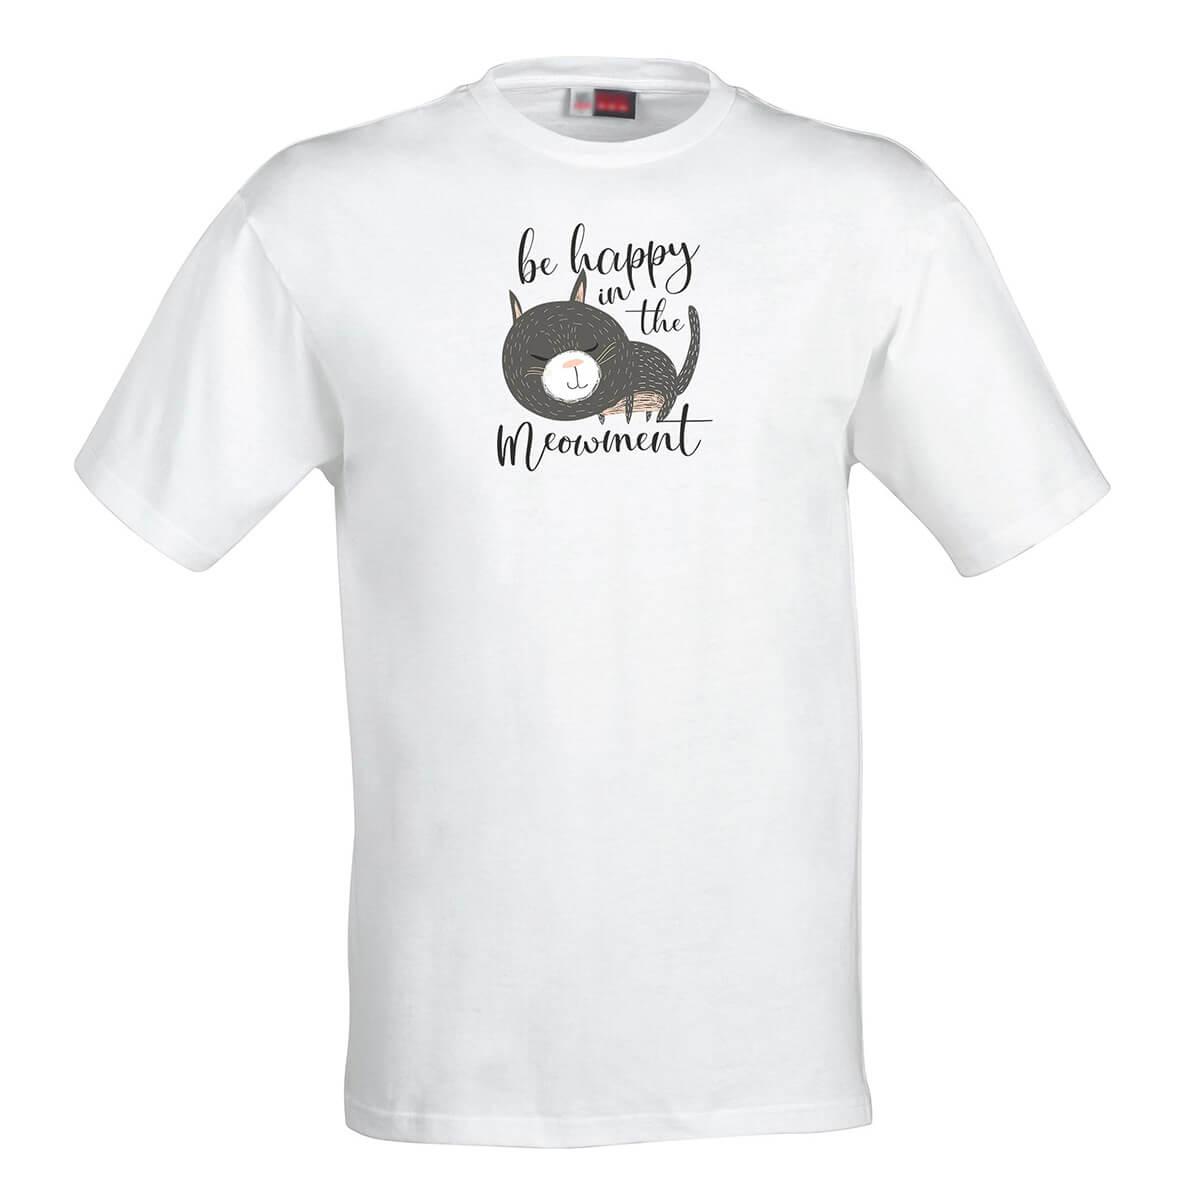 Pánske tričkoBe happy in the meowment - veľkosť S